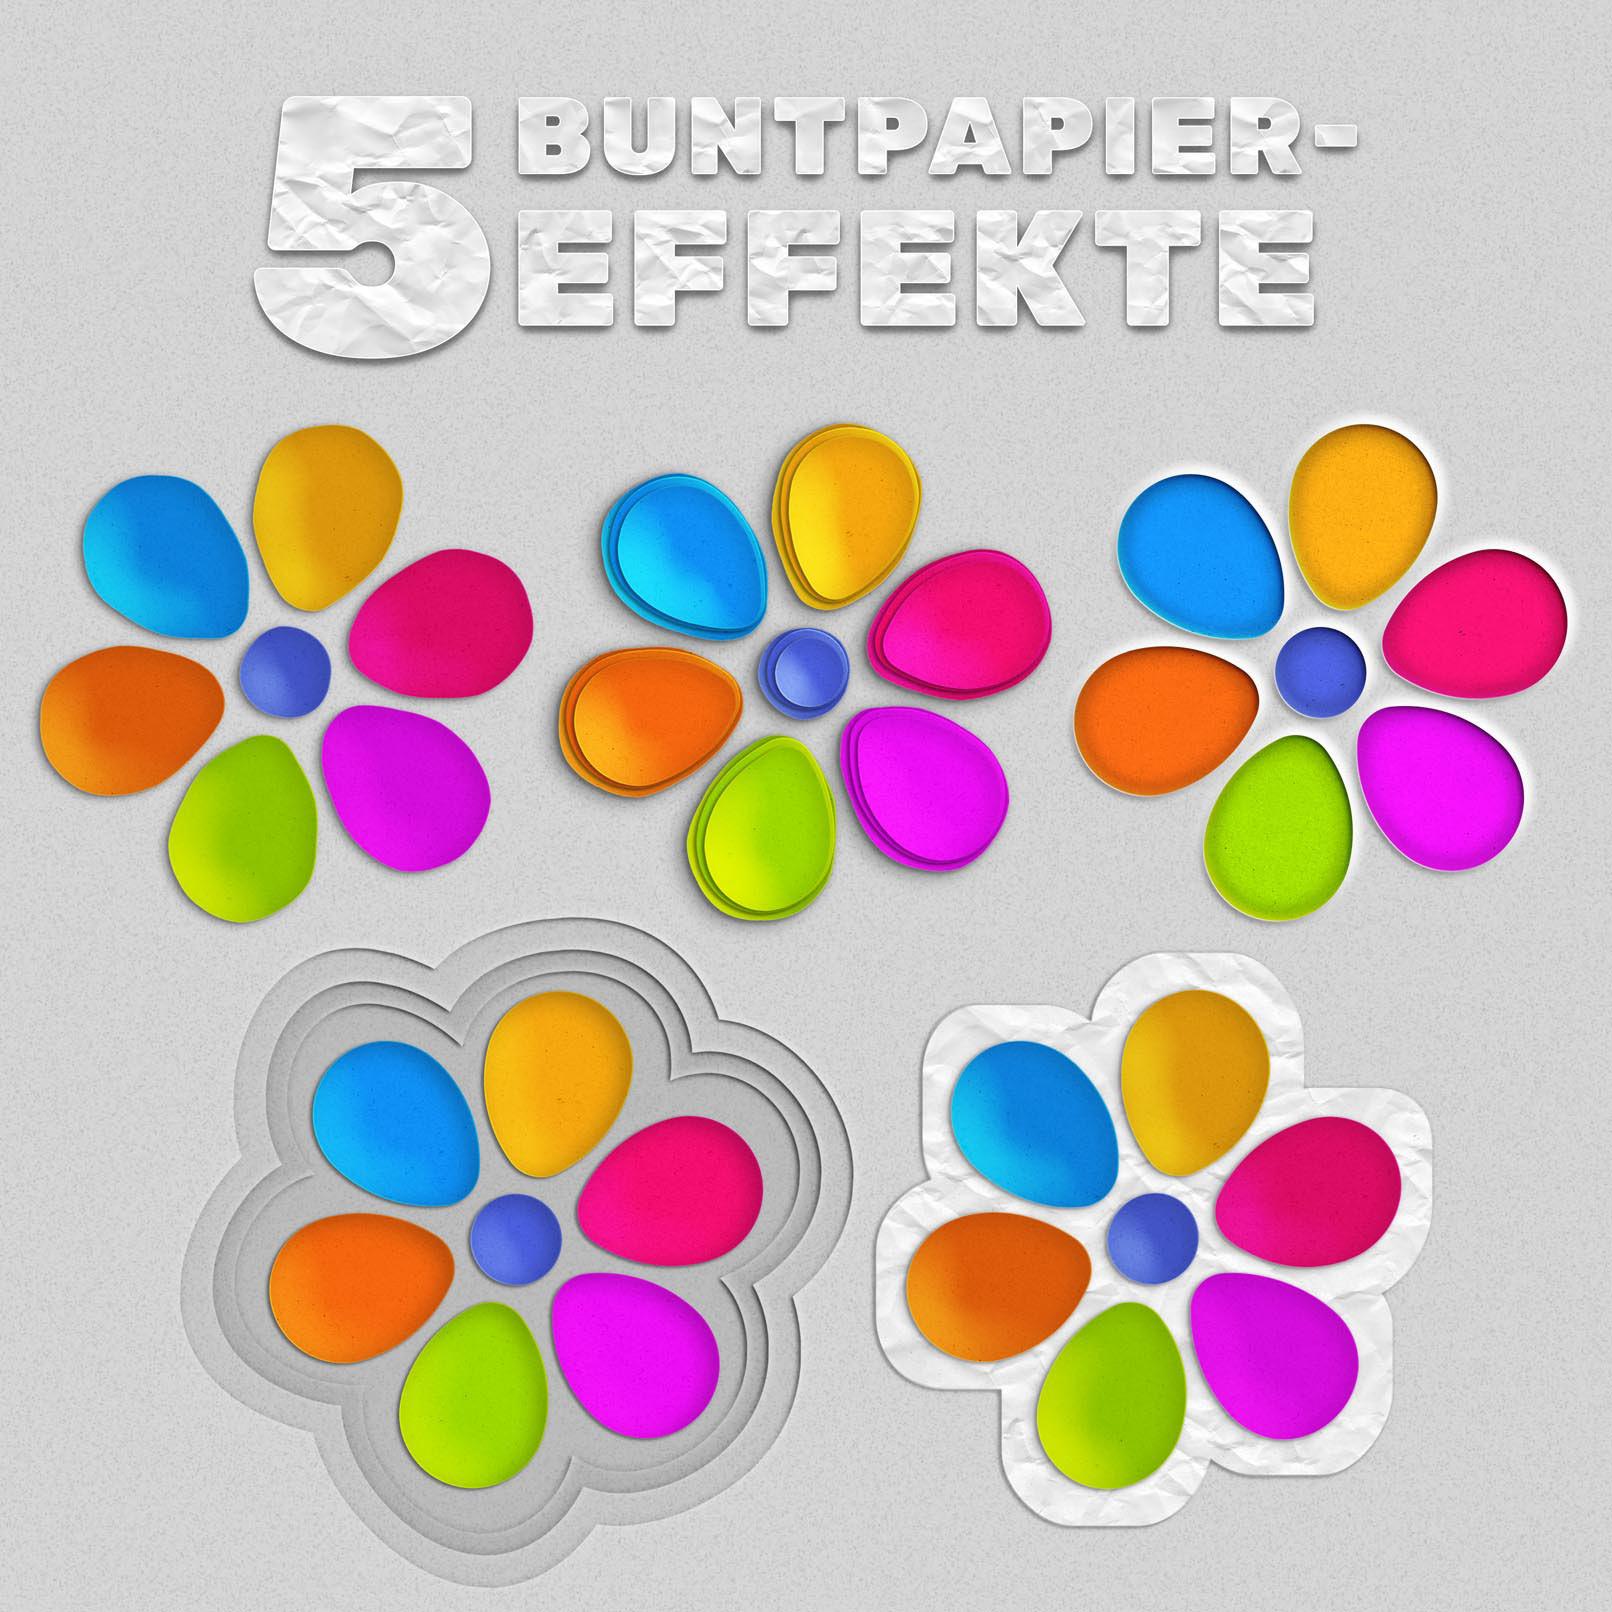 5 verschiedene Buntpapier-Effekte, die mit Photoshop erzeugt wurde